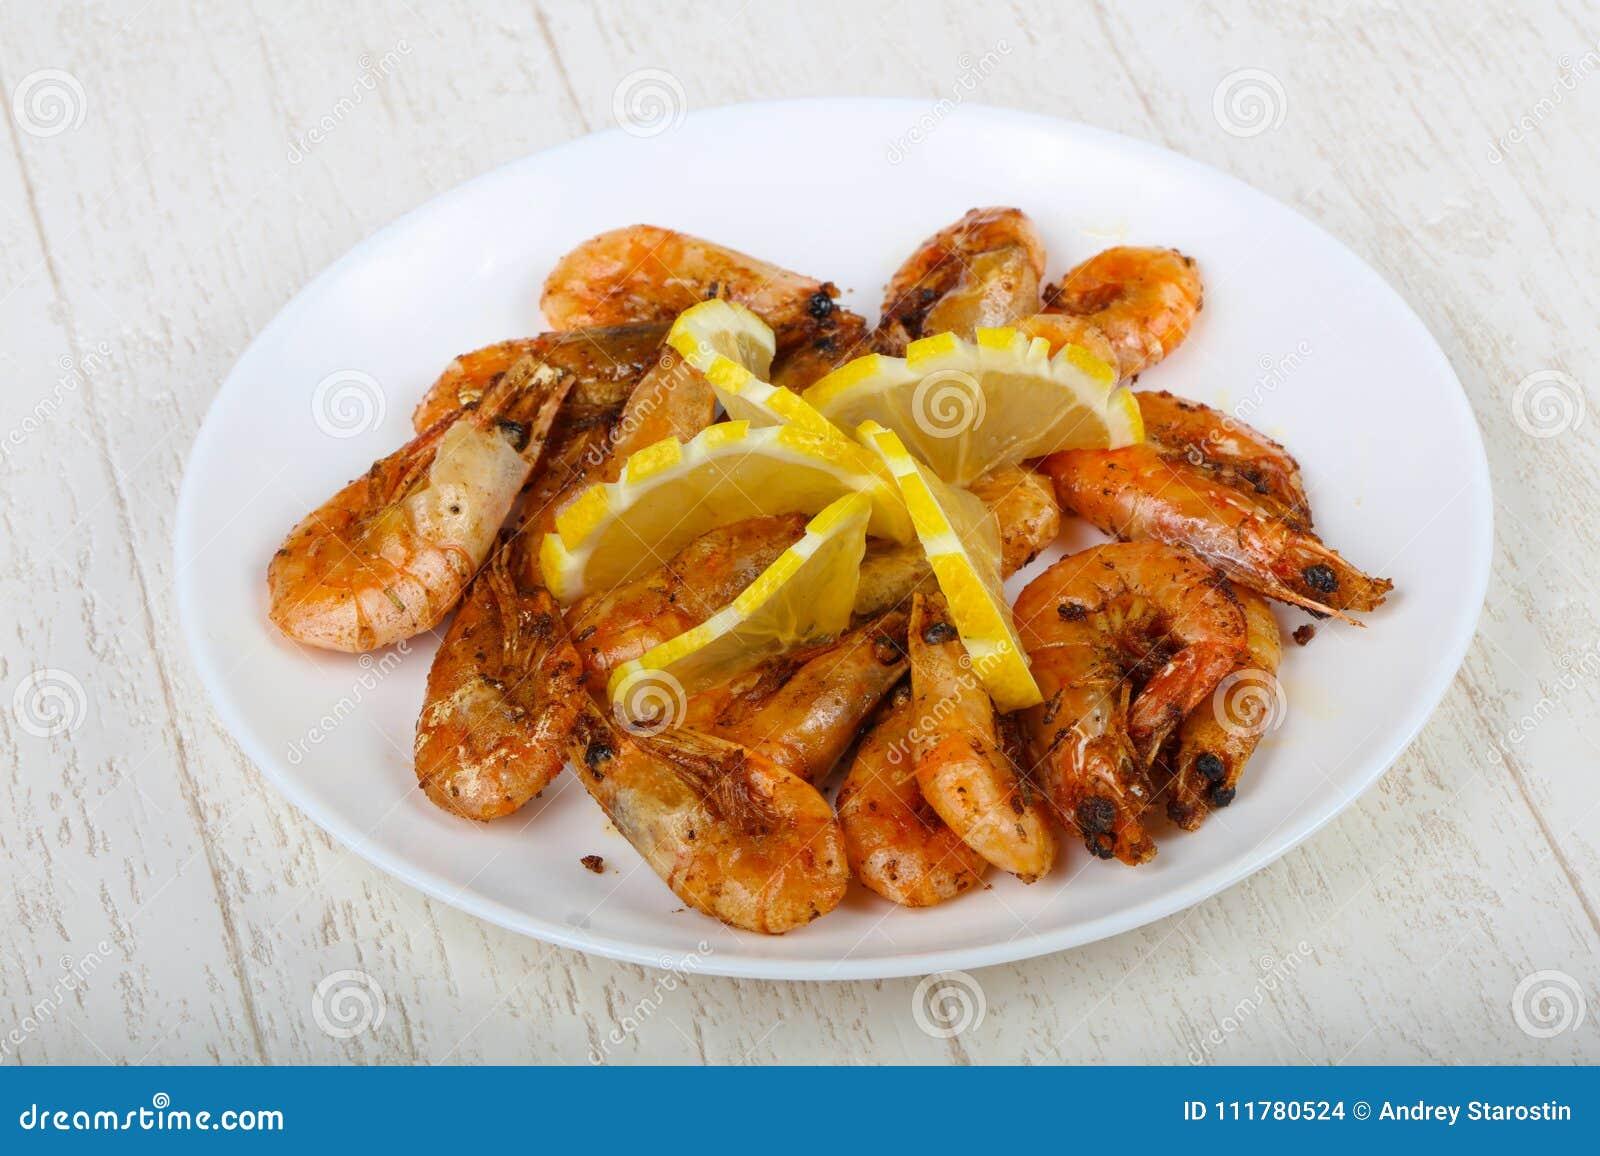 Roasted shrimps